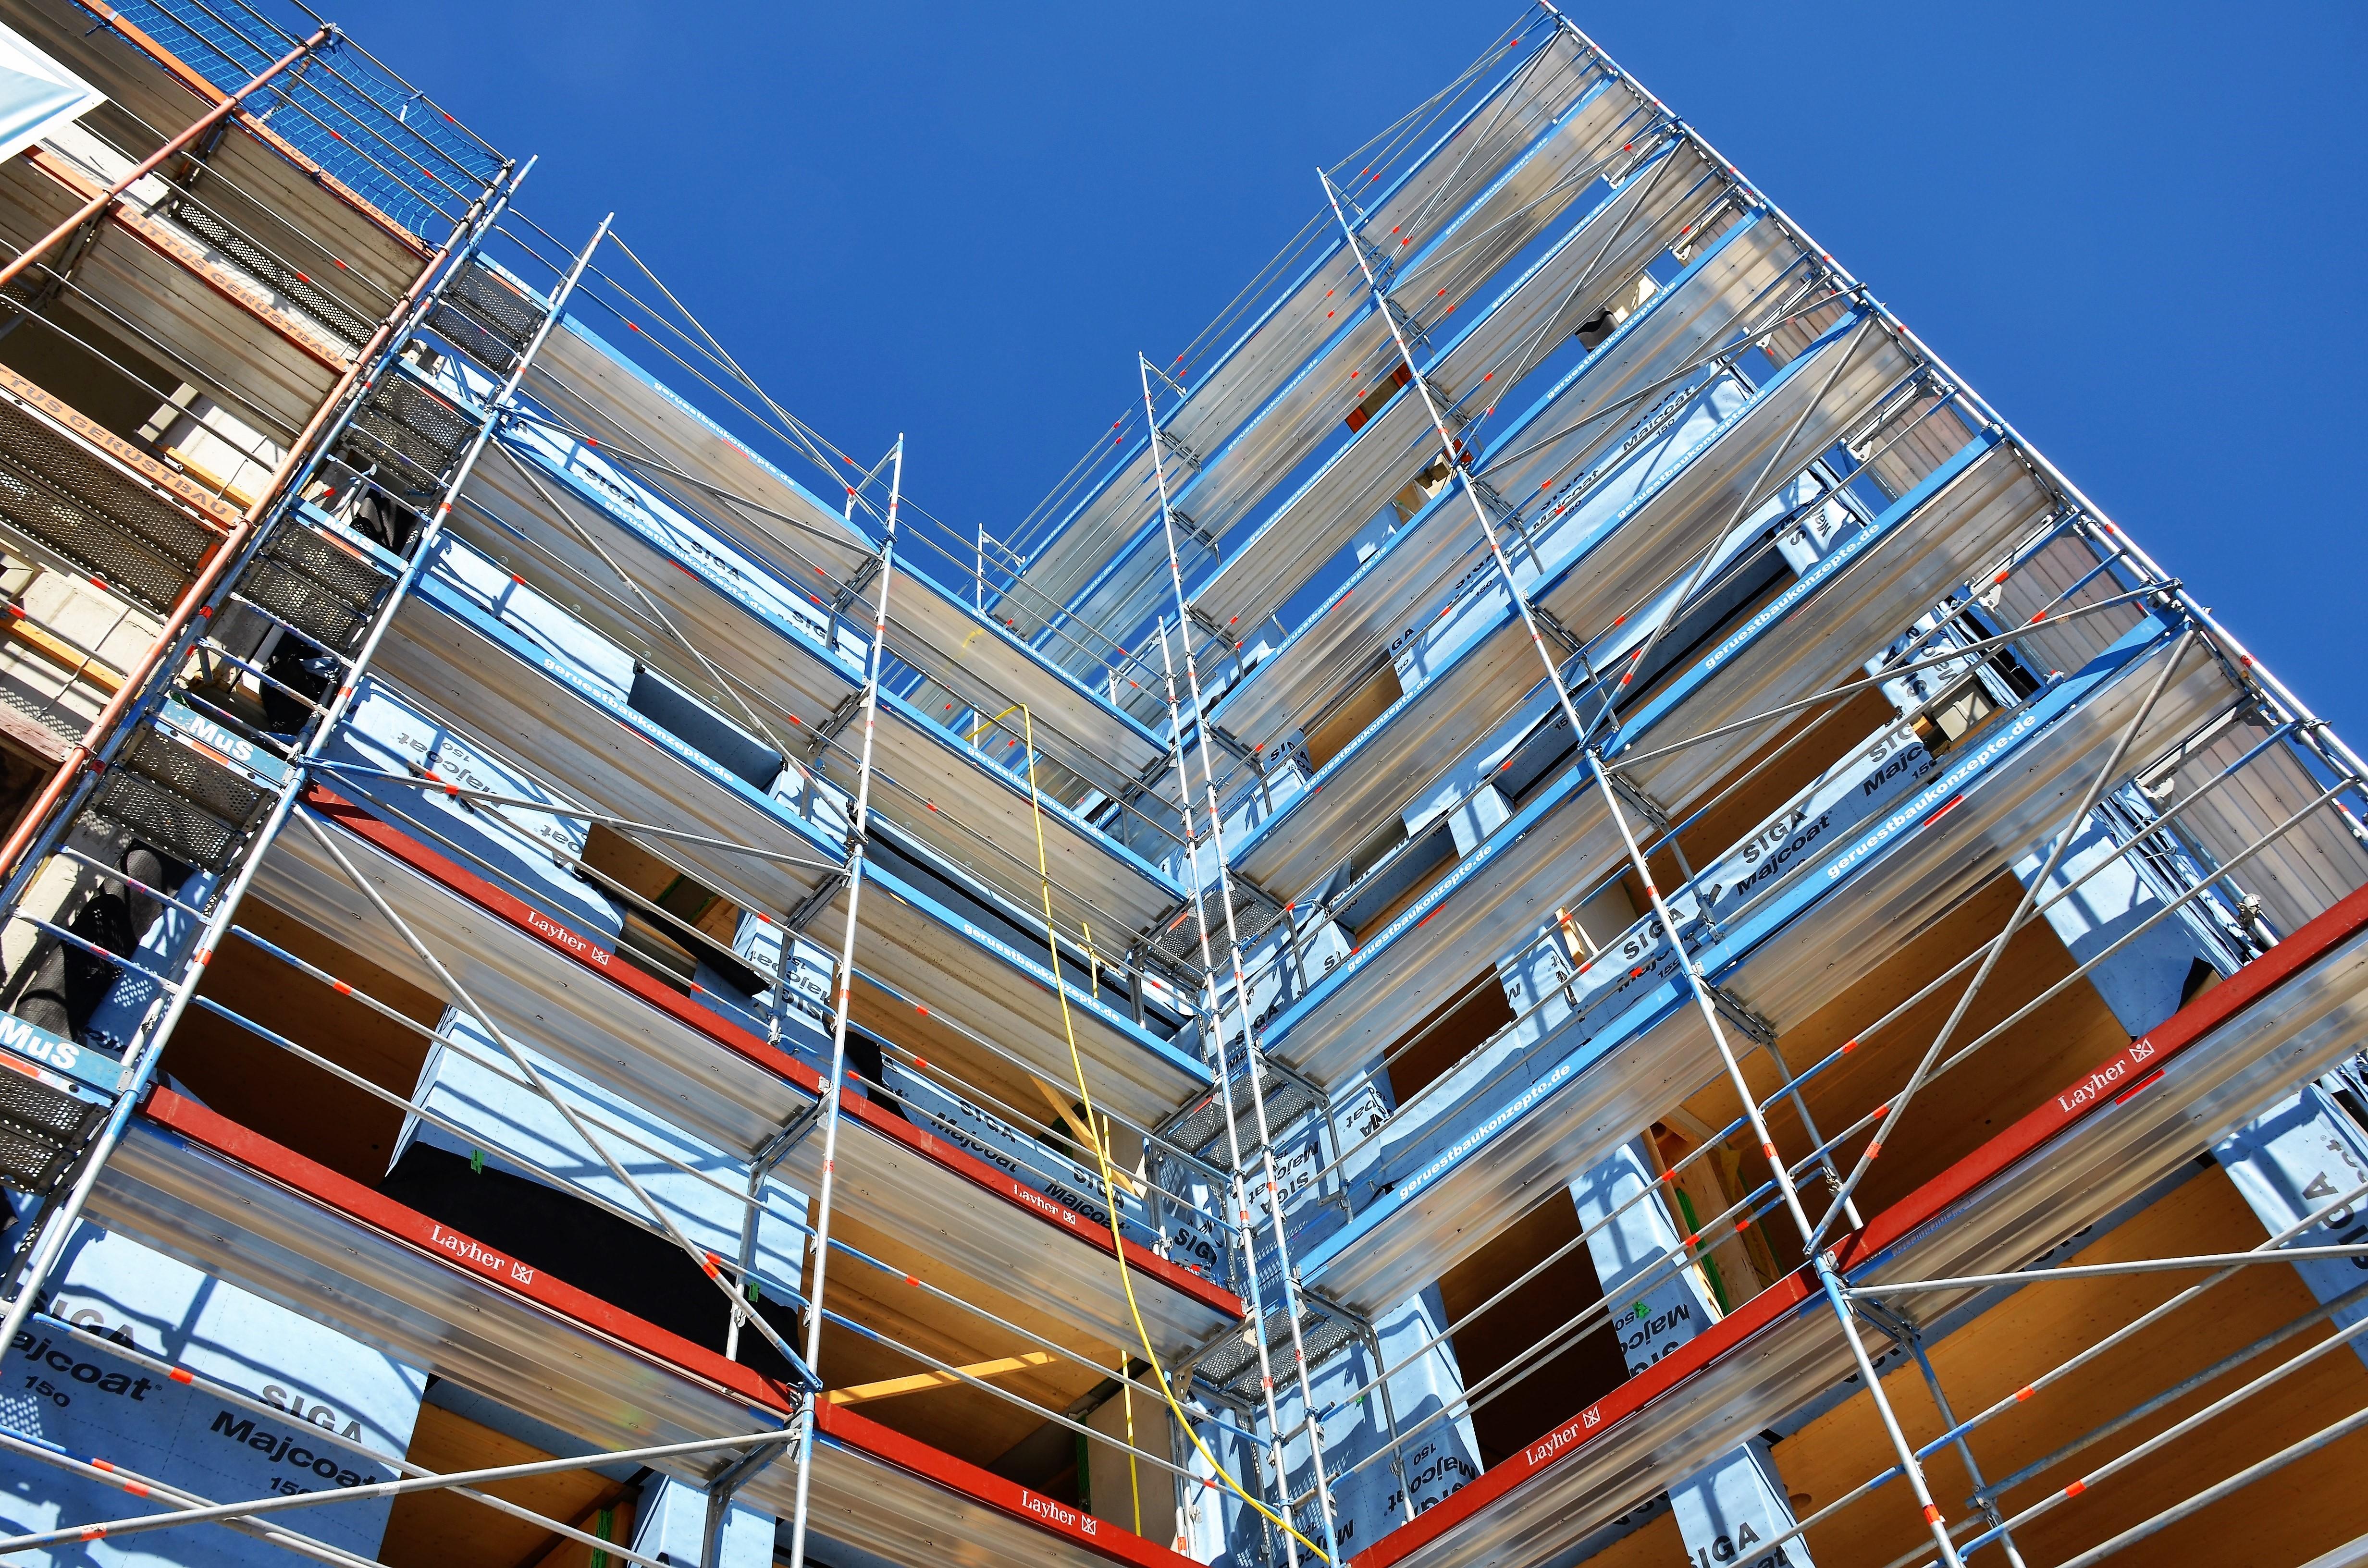 Baustelle; Holzbau